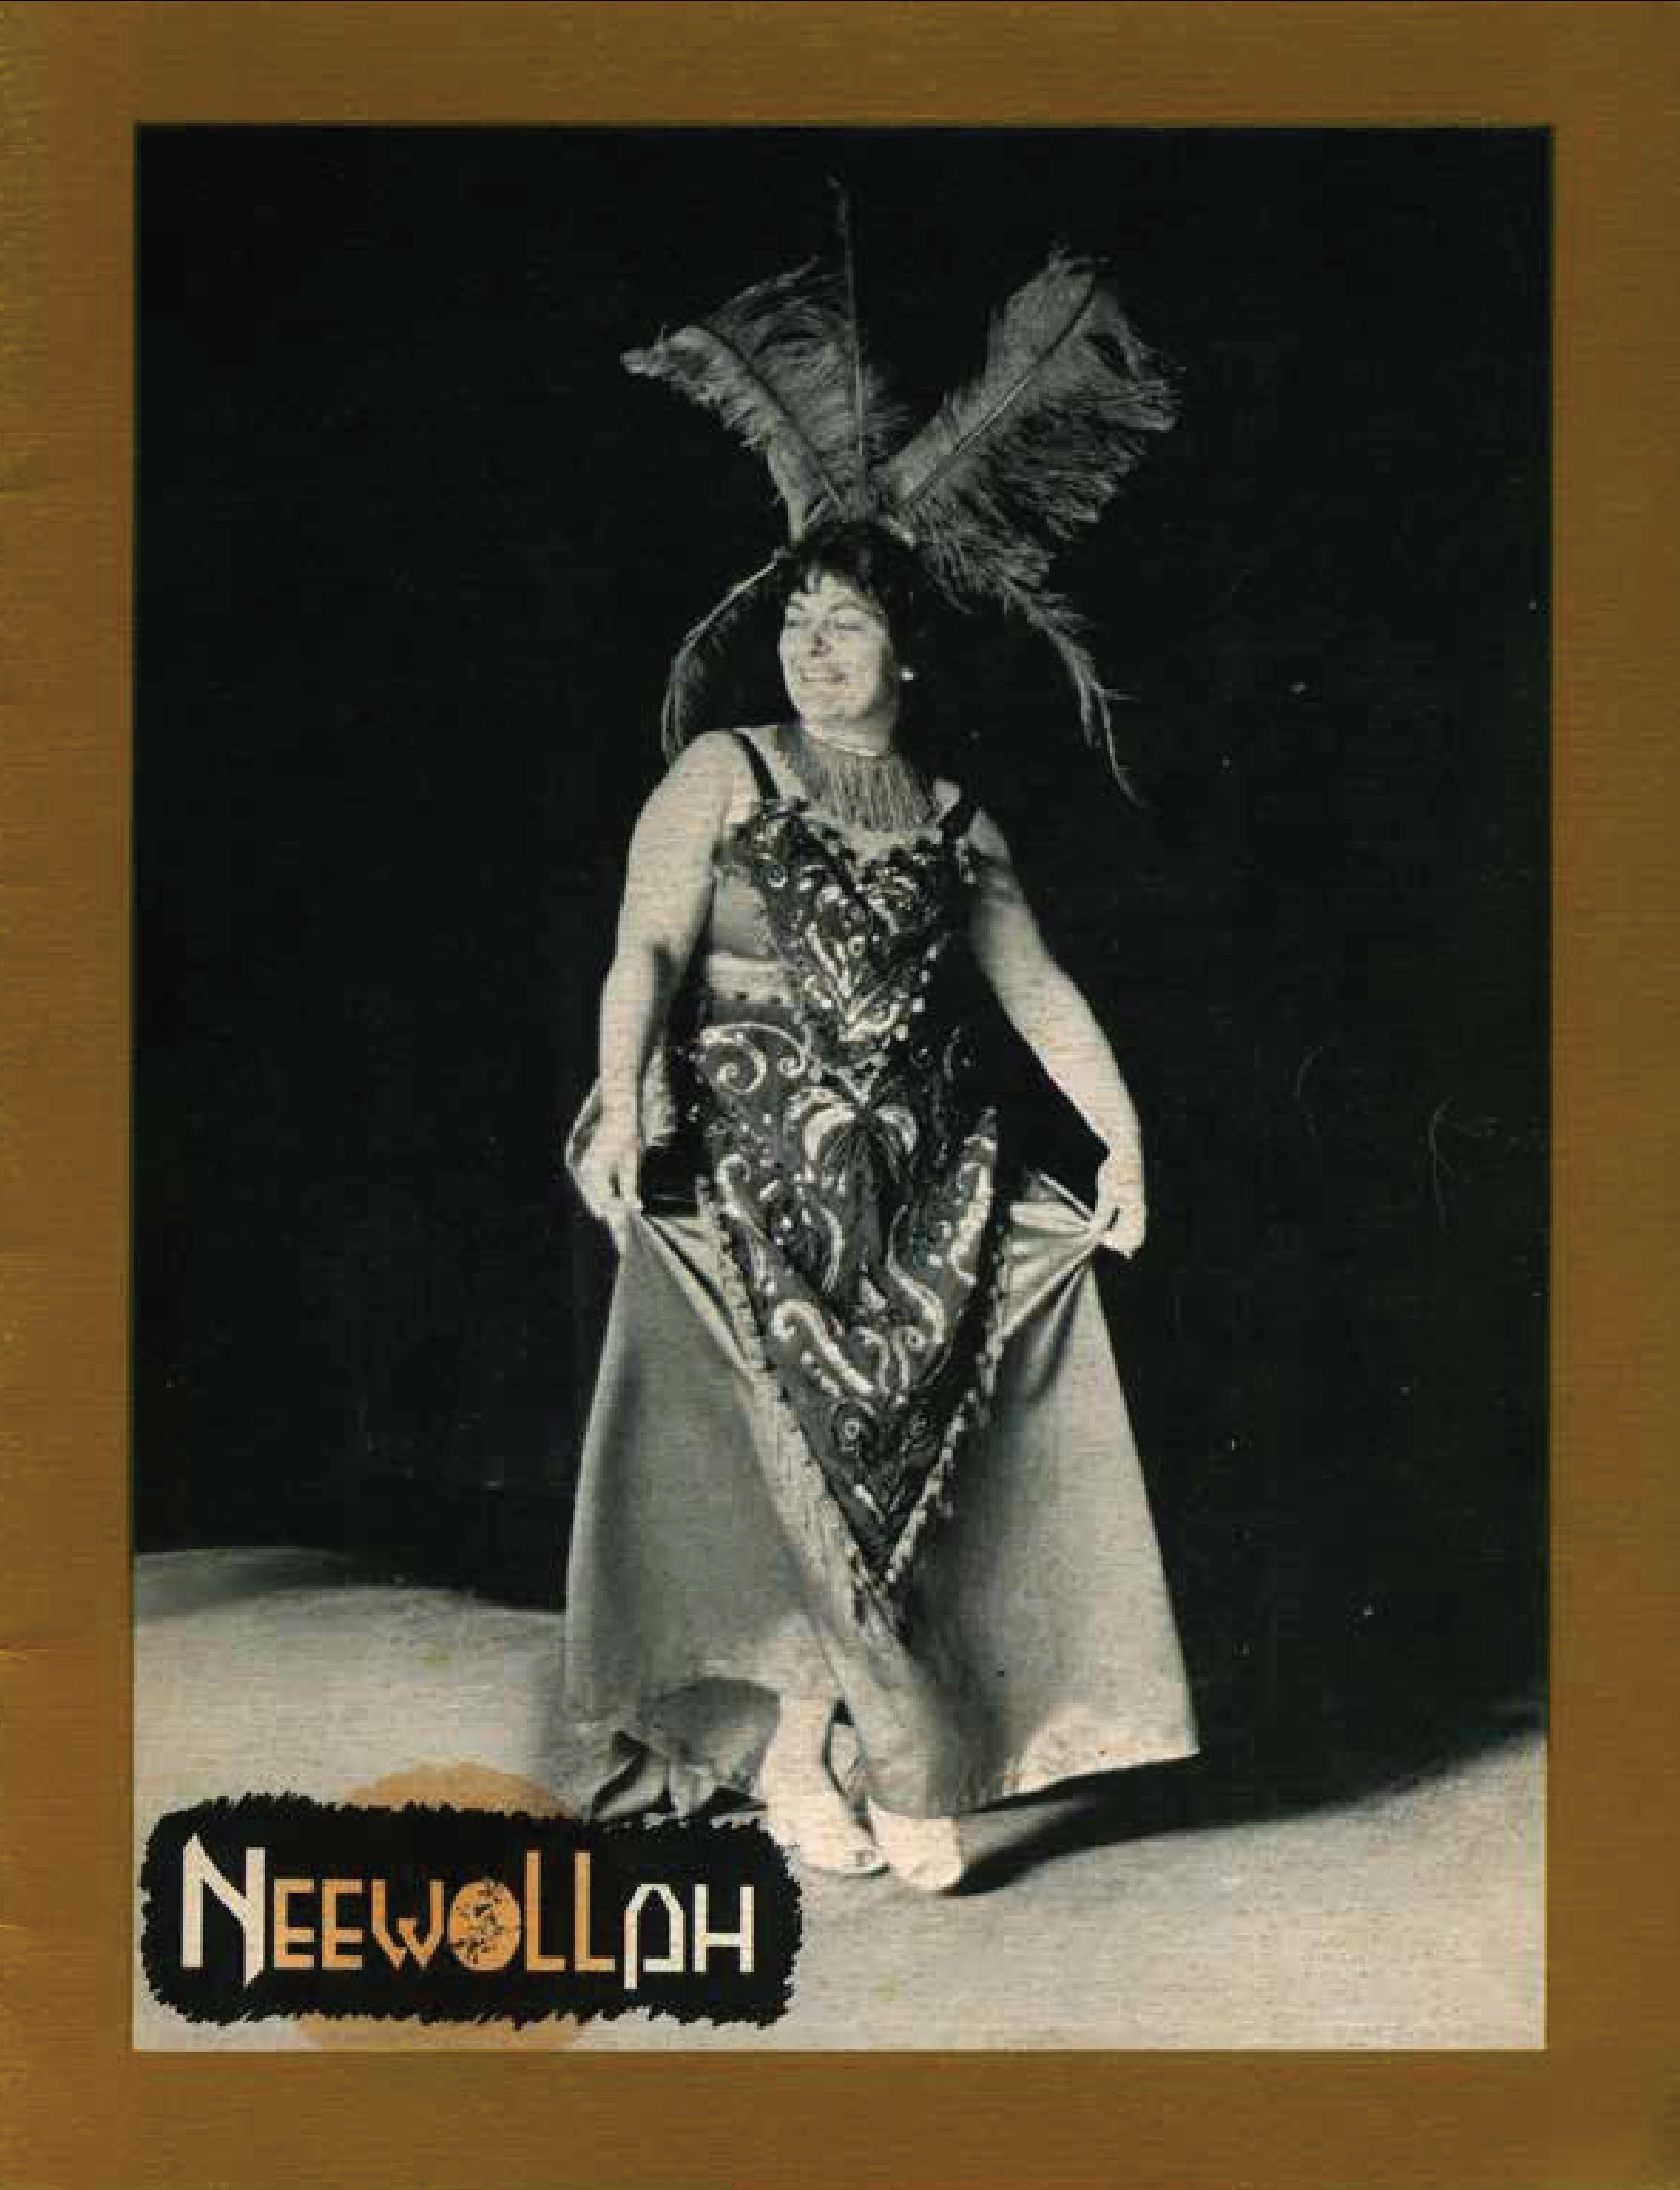 Neewollah 1973